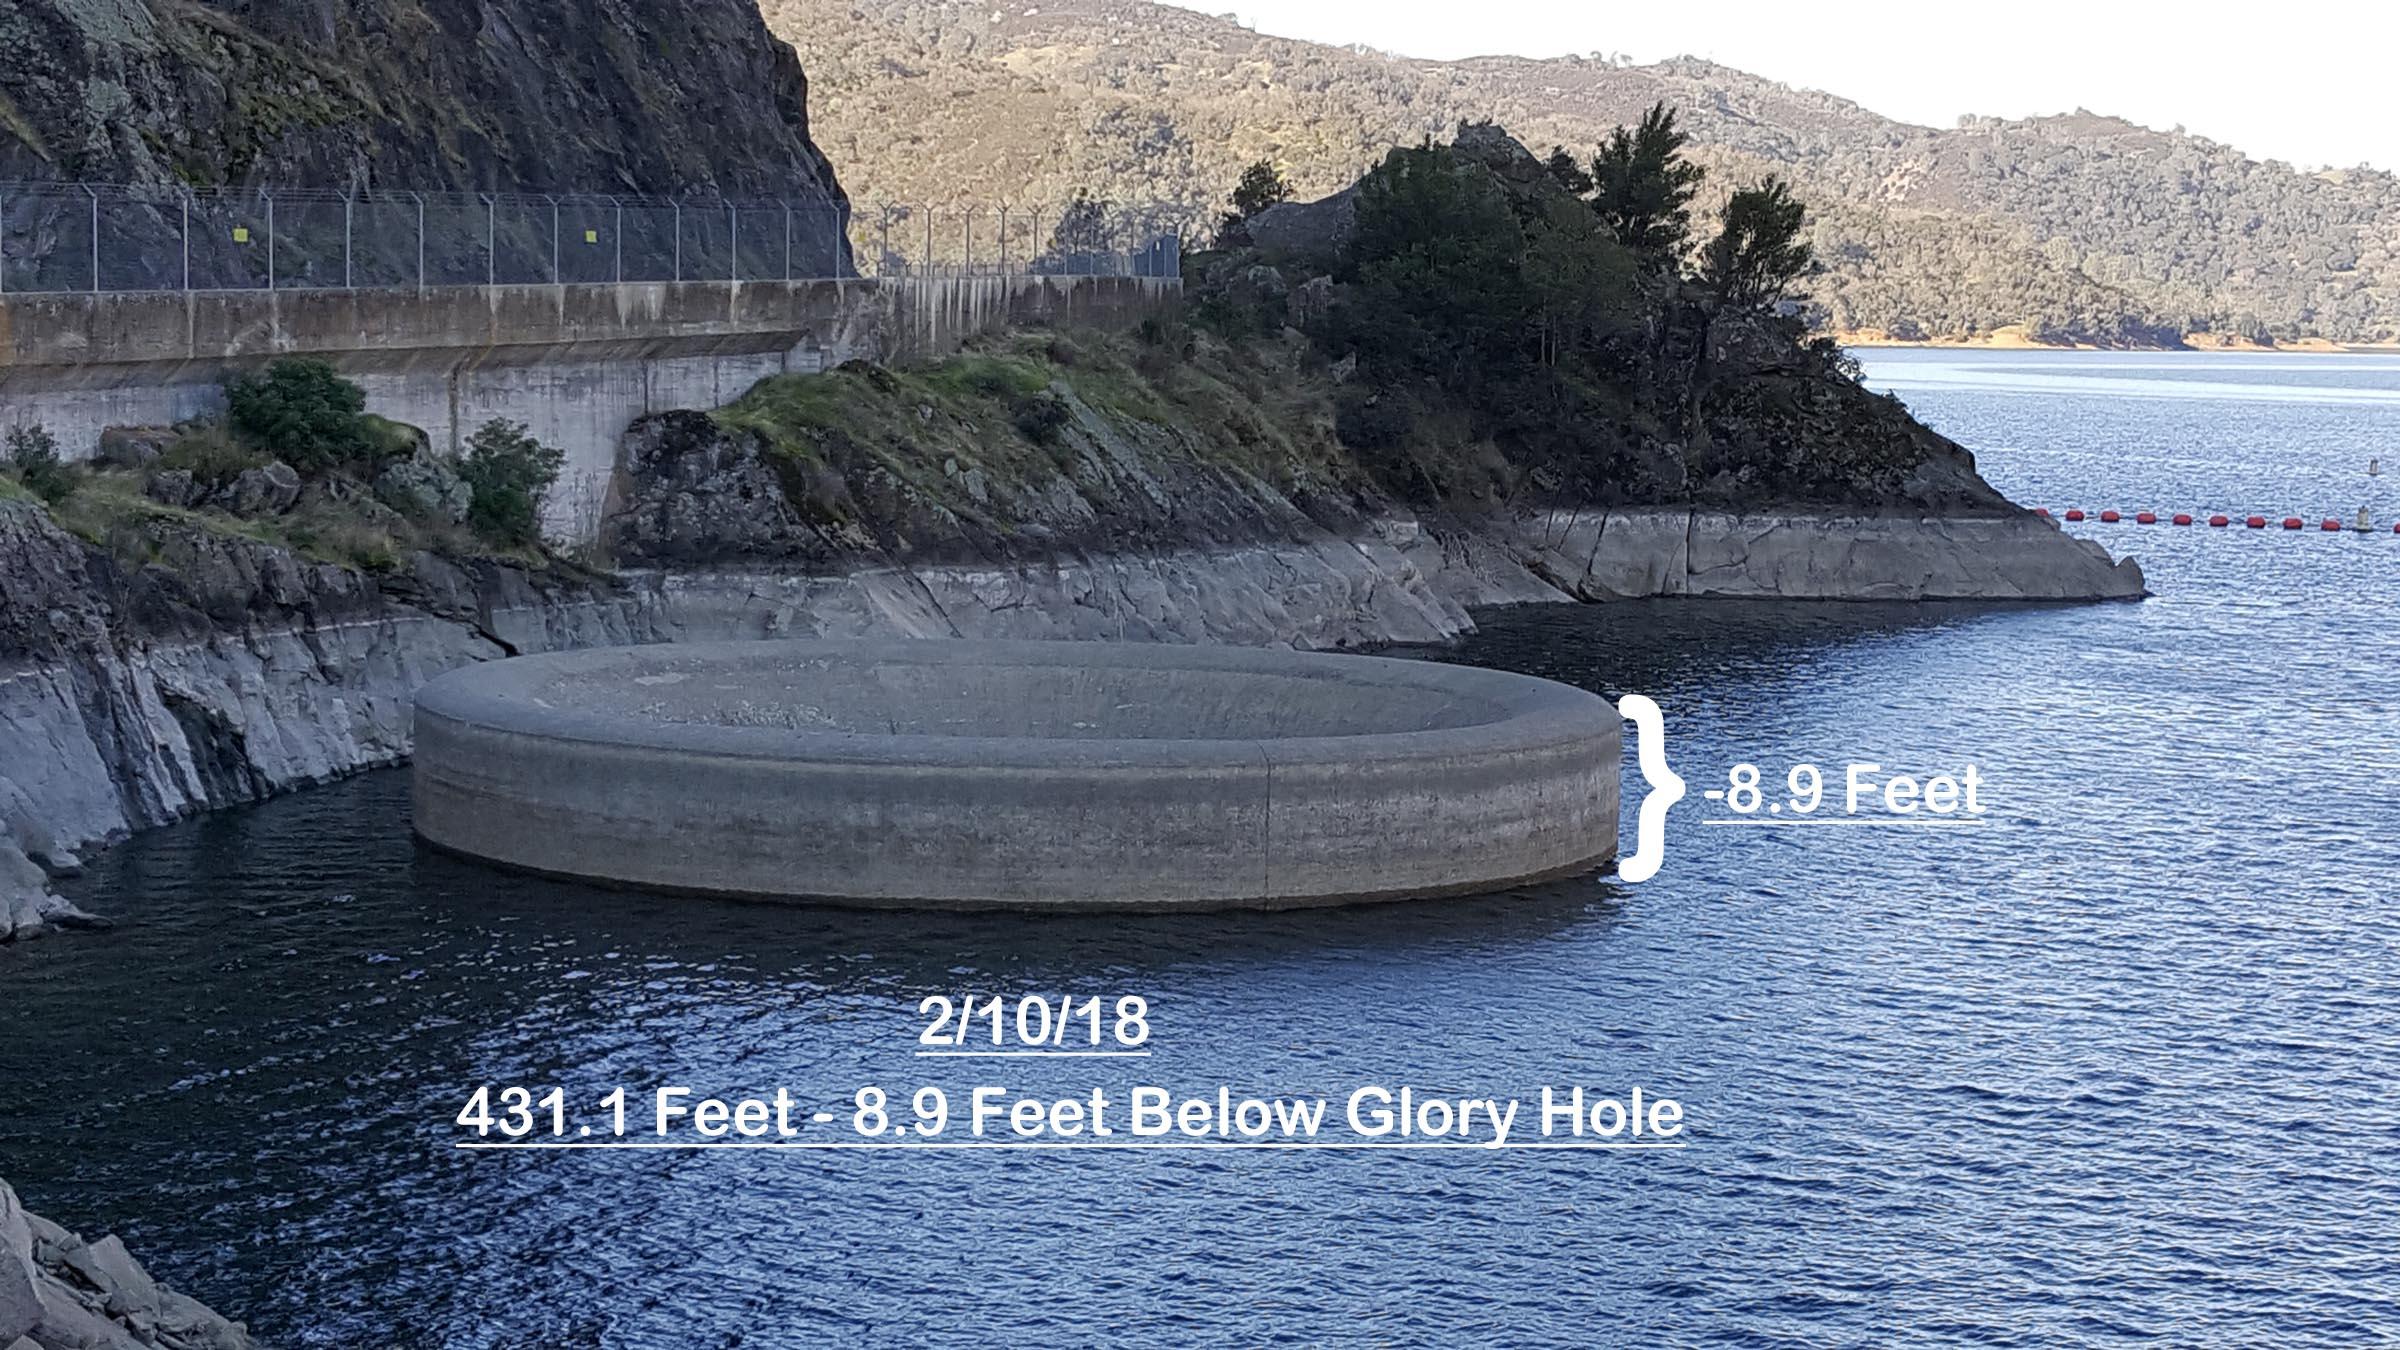 Mobile glory hole trailers